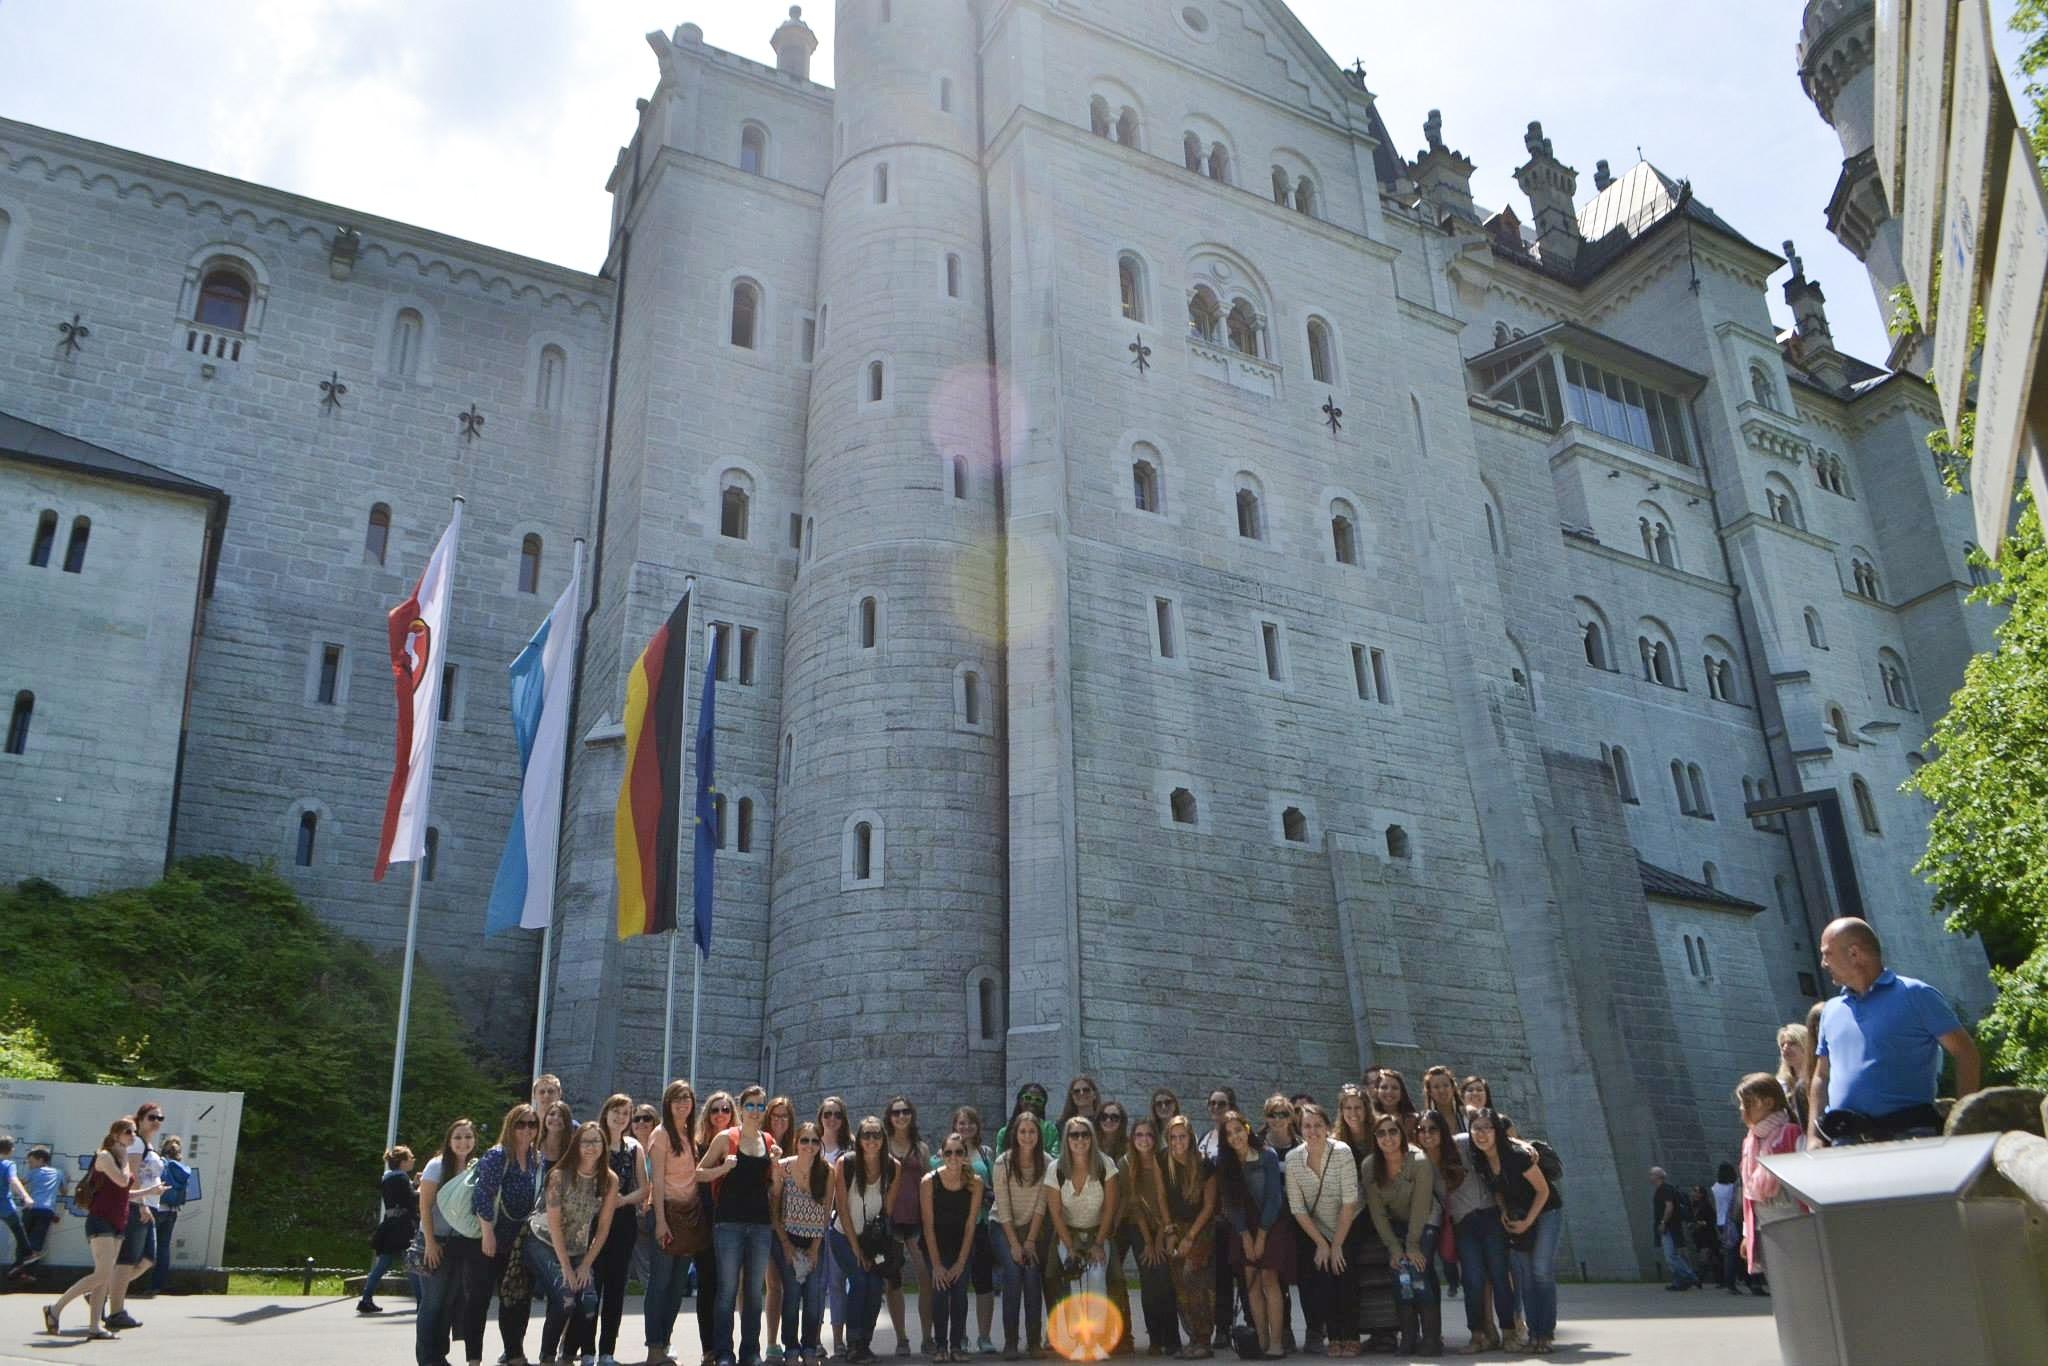 EF College Break Tour to Neuschwanstein Castle in Germany